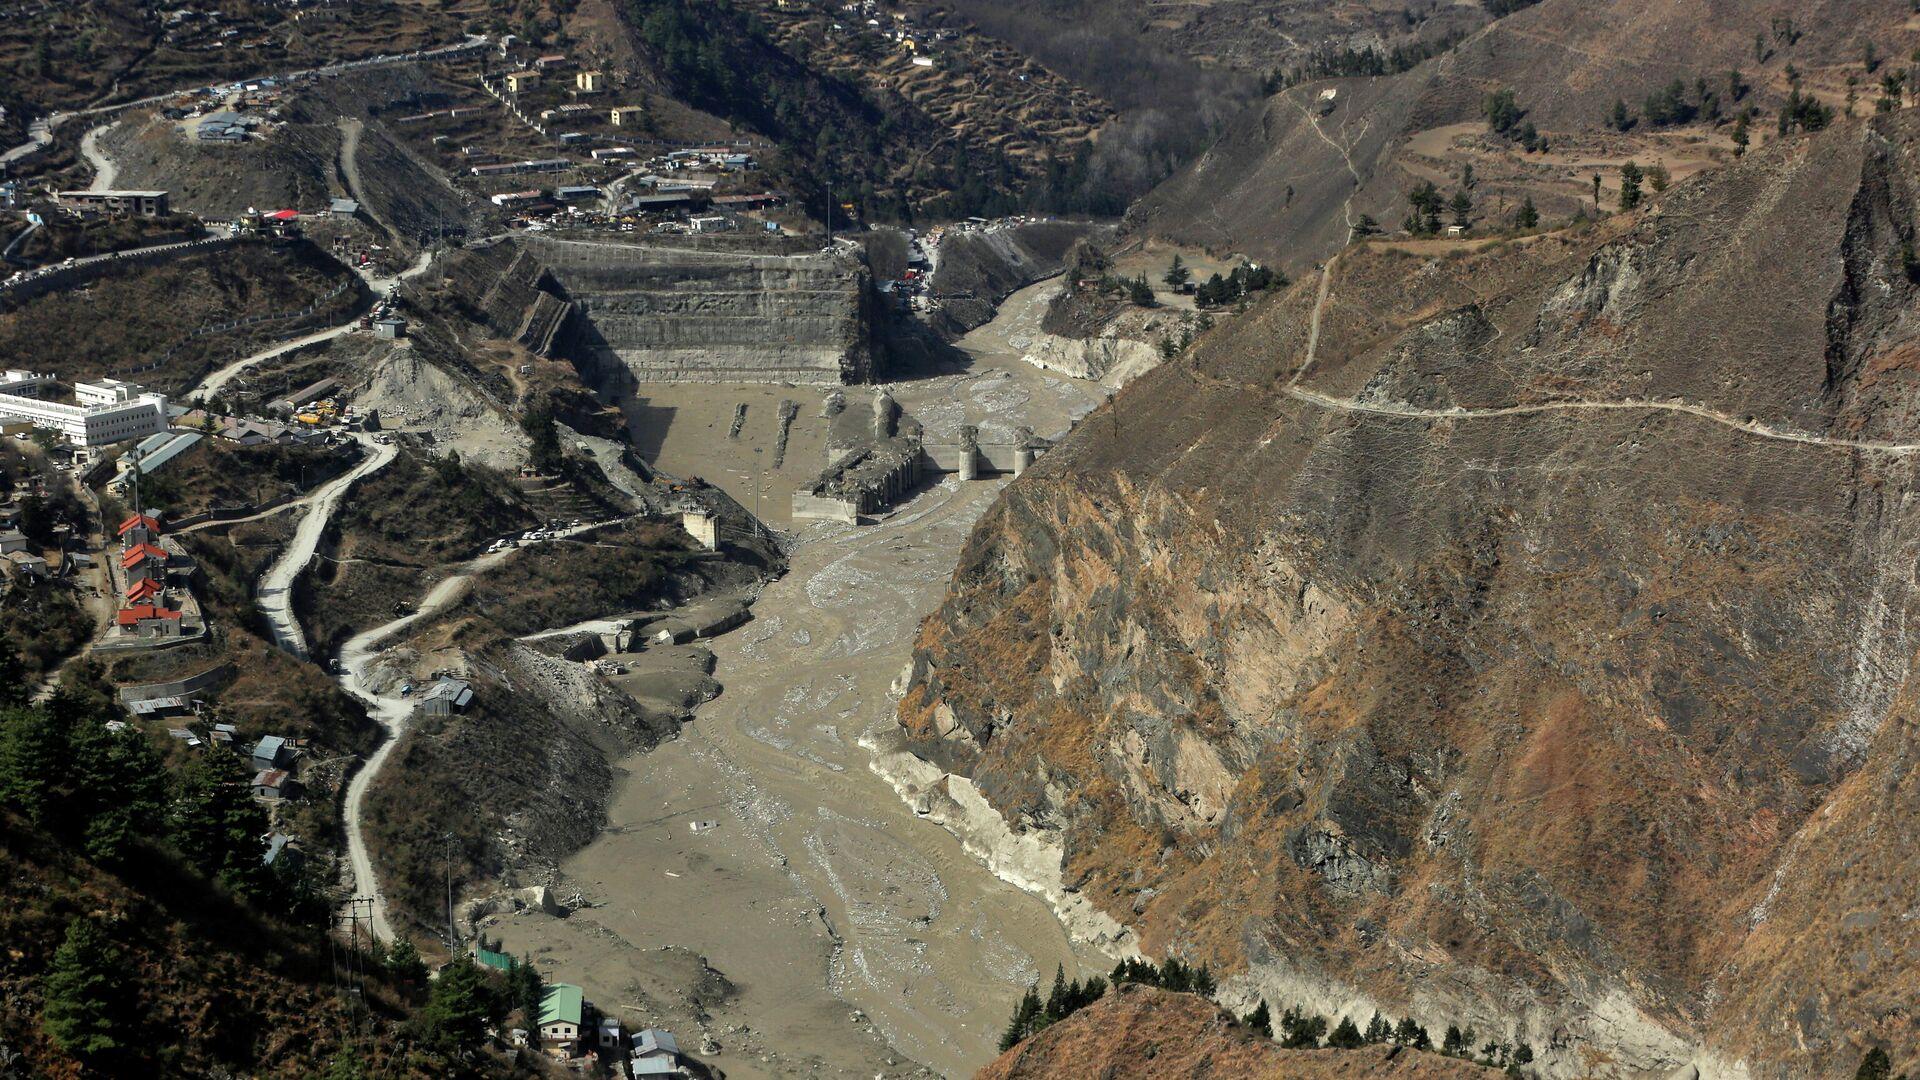 Lugar del desprendimiento de un glaciar en el Himalaya, la India - Sputnik Mundo, 1920, 16.02.2021